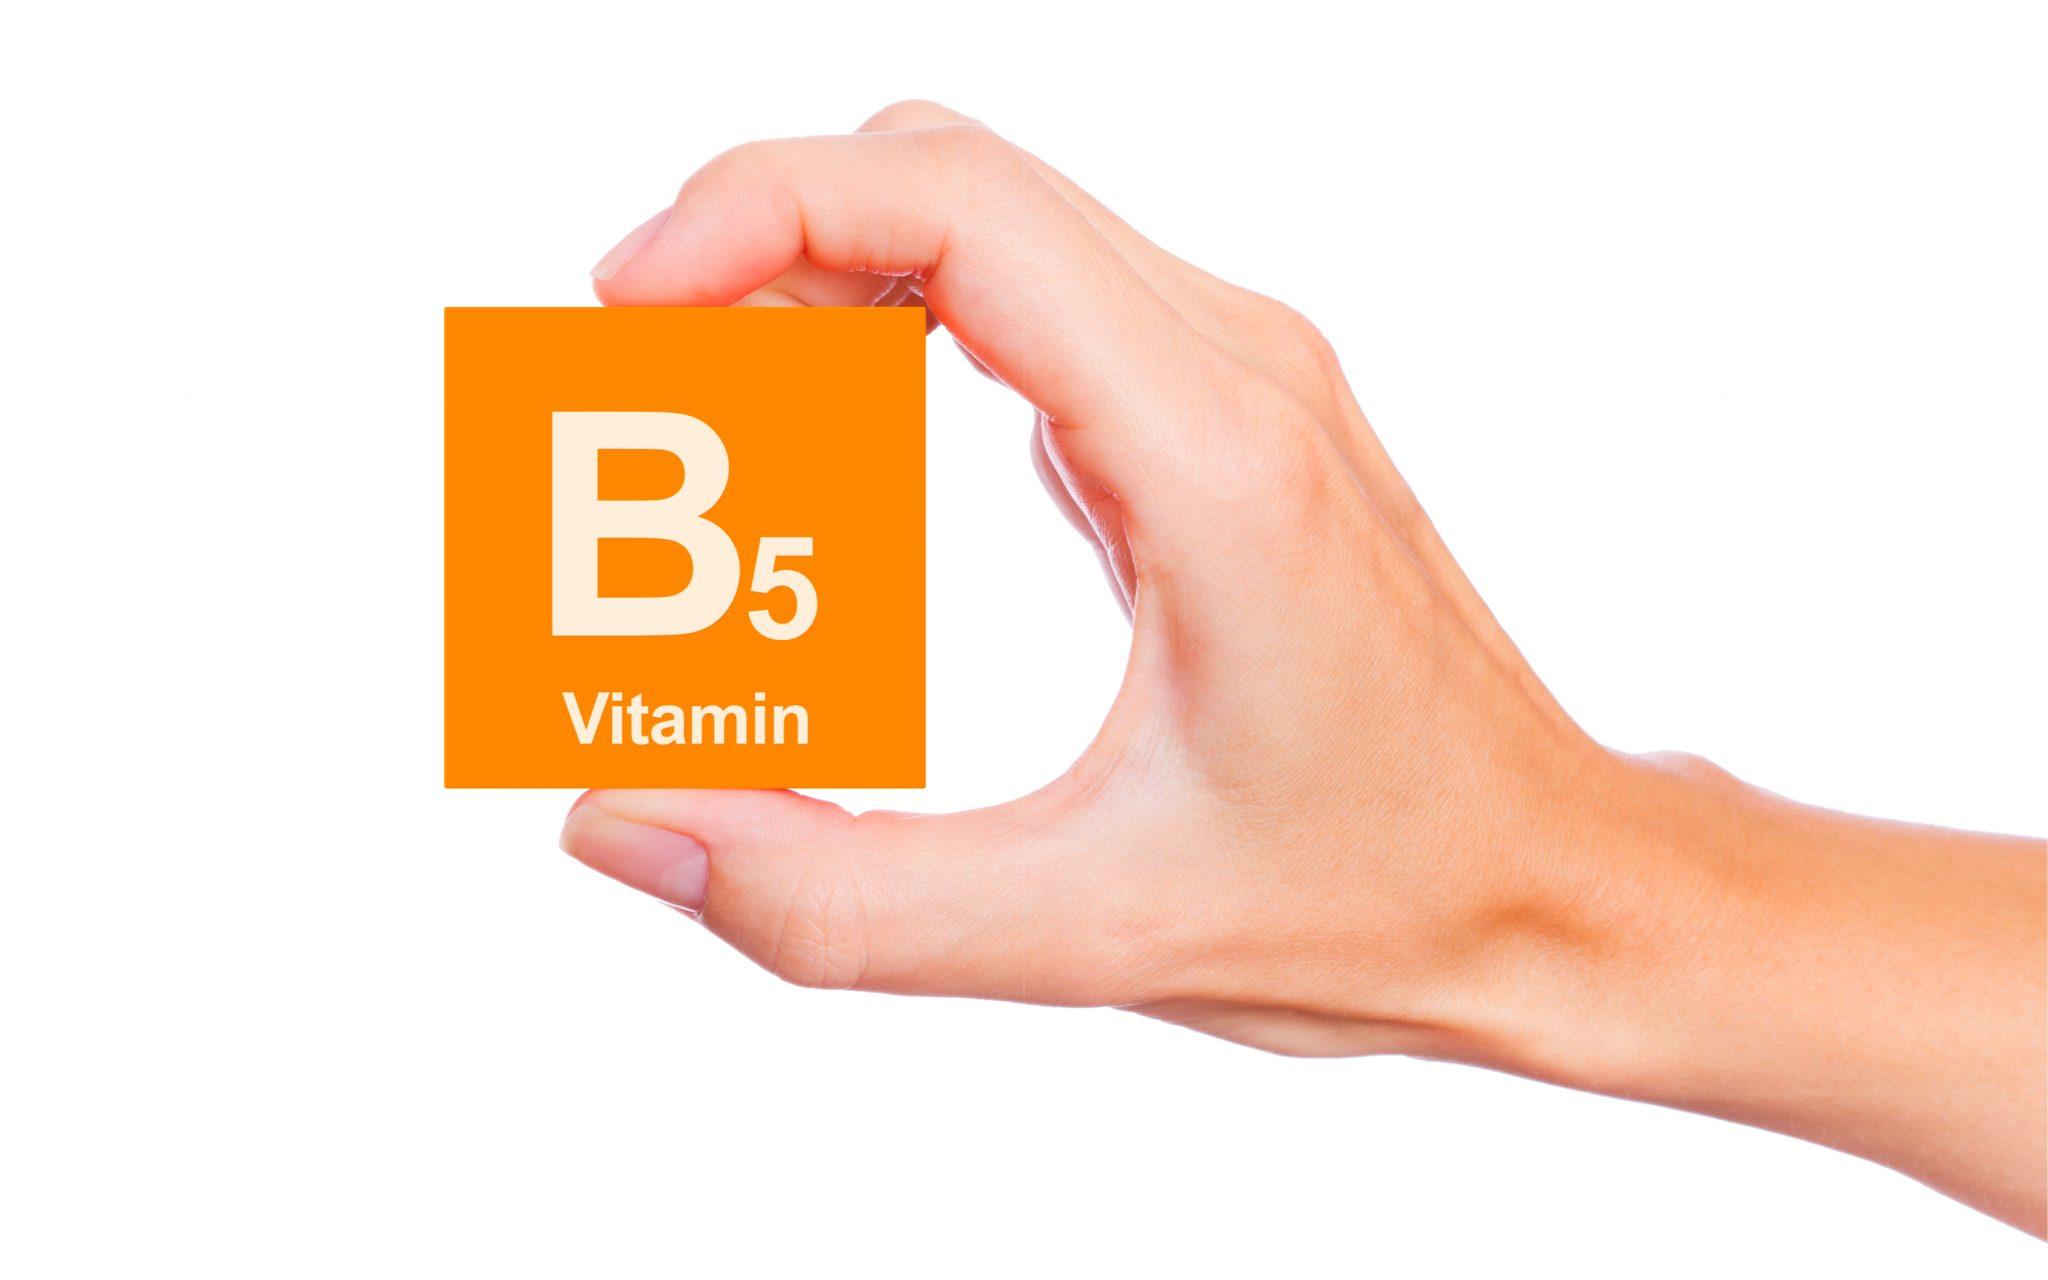 ビタミンB5のボックス